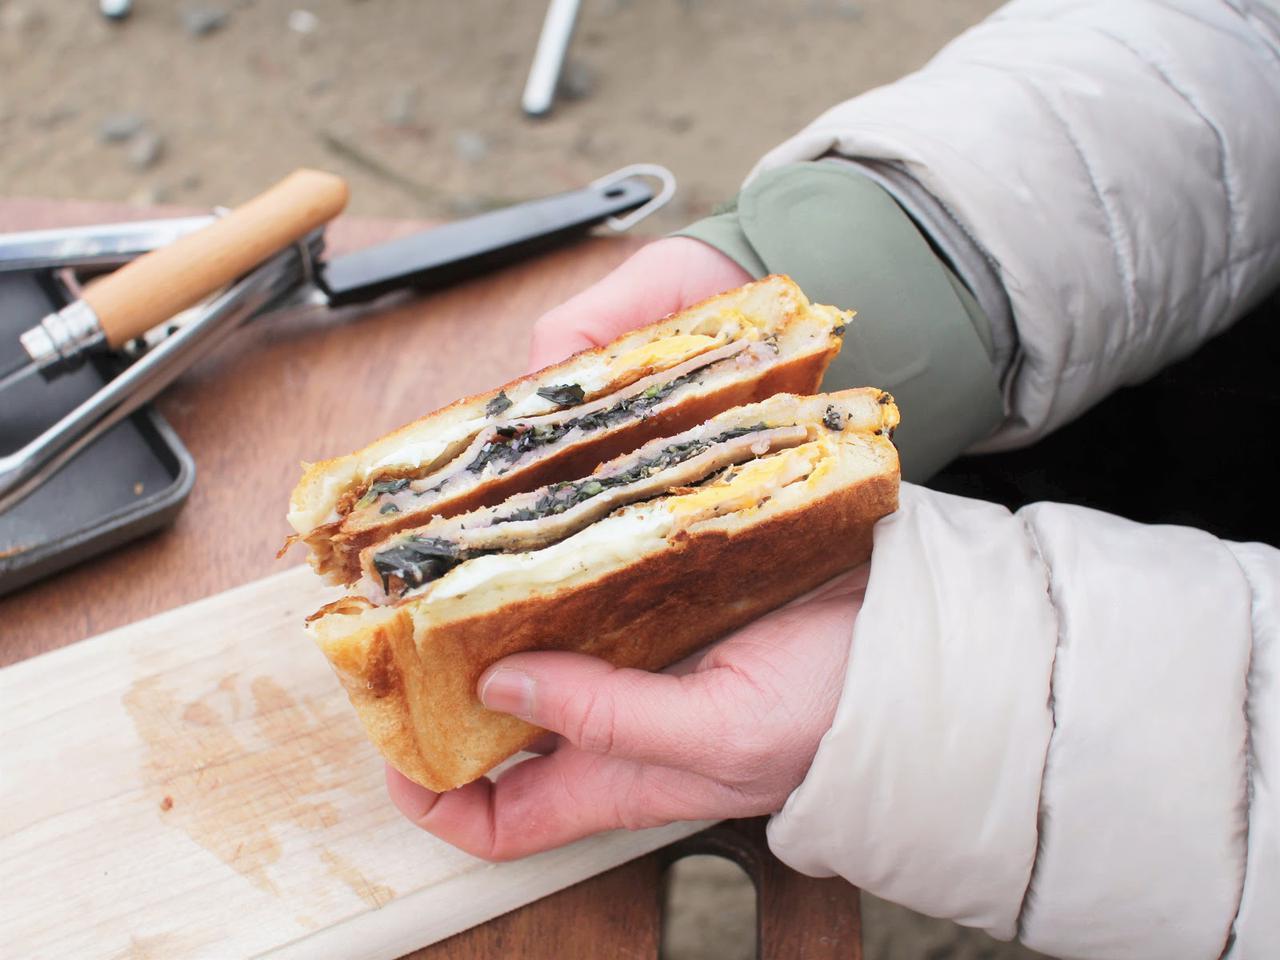 画像: 【初心者必見】ソロキャンプにおすすめの料理道具&お手軽レシピ3選!筆者愛用アイテムも - ハピキャン(HAPPY CAMPER)